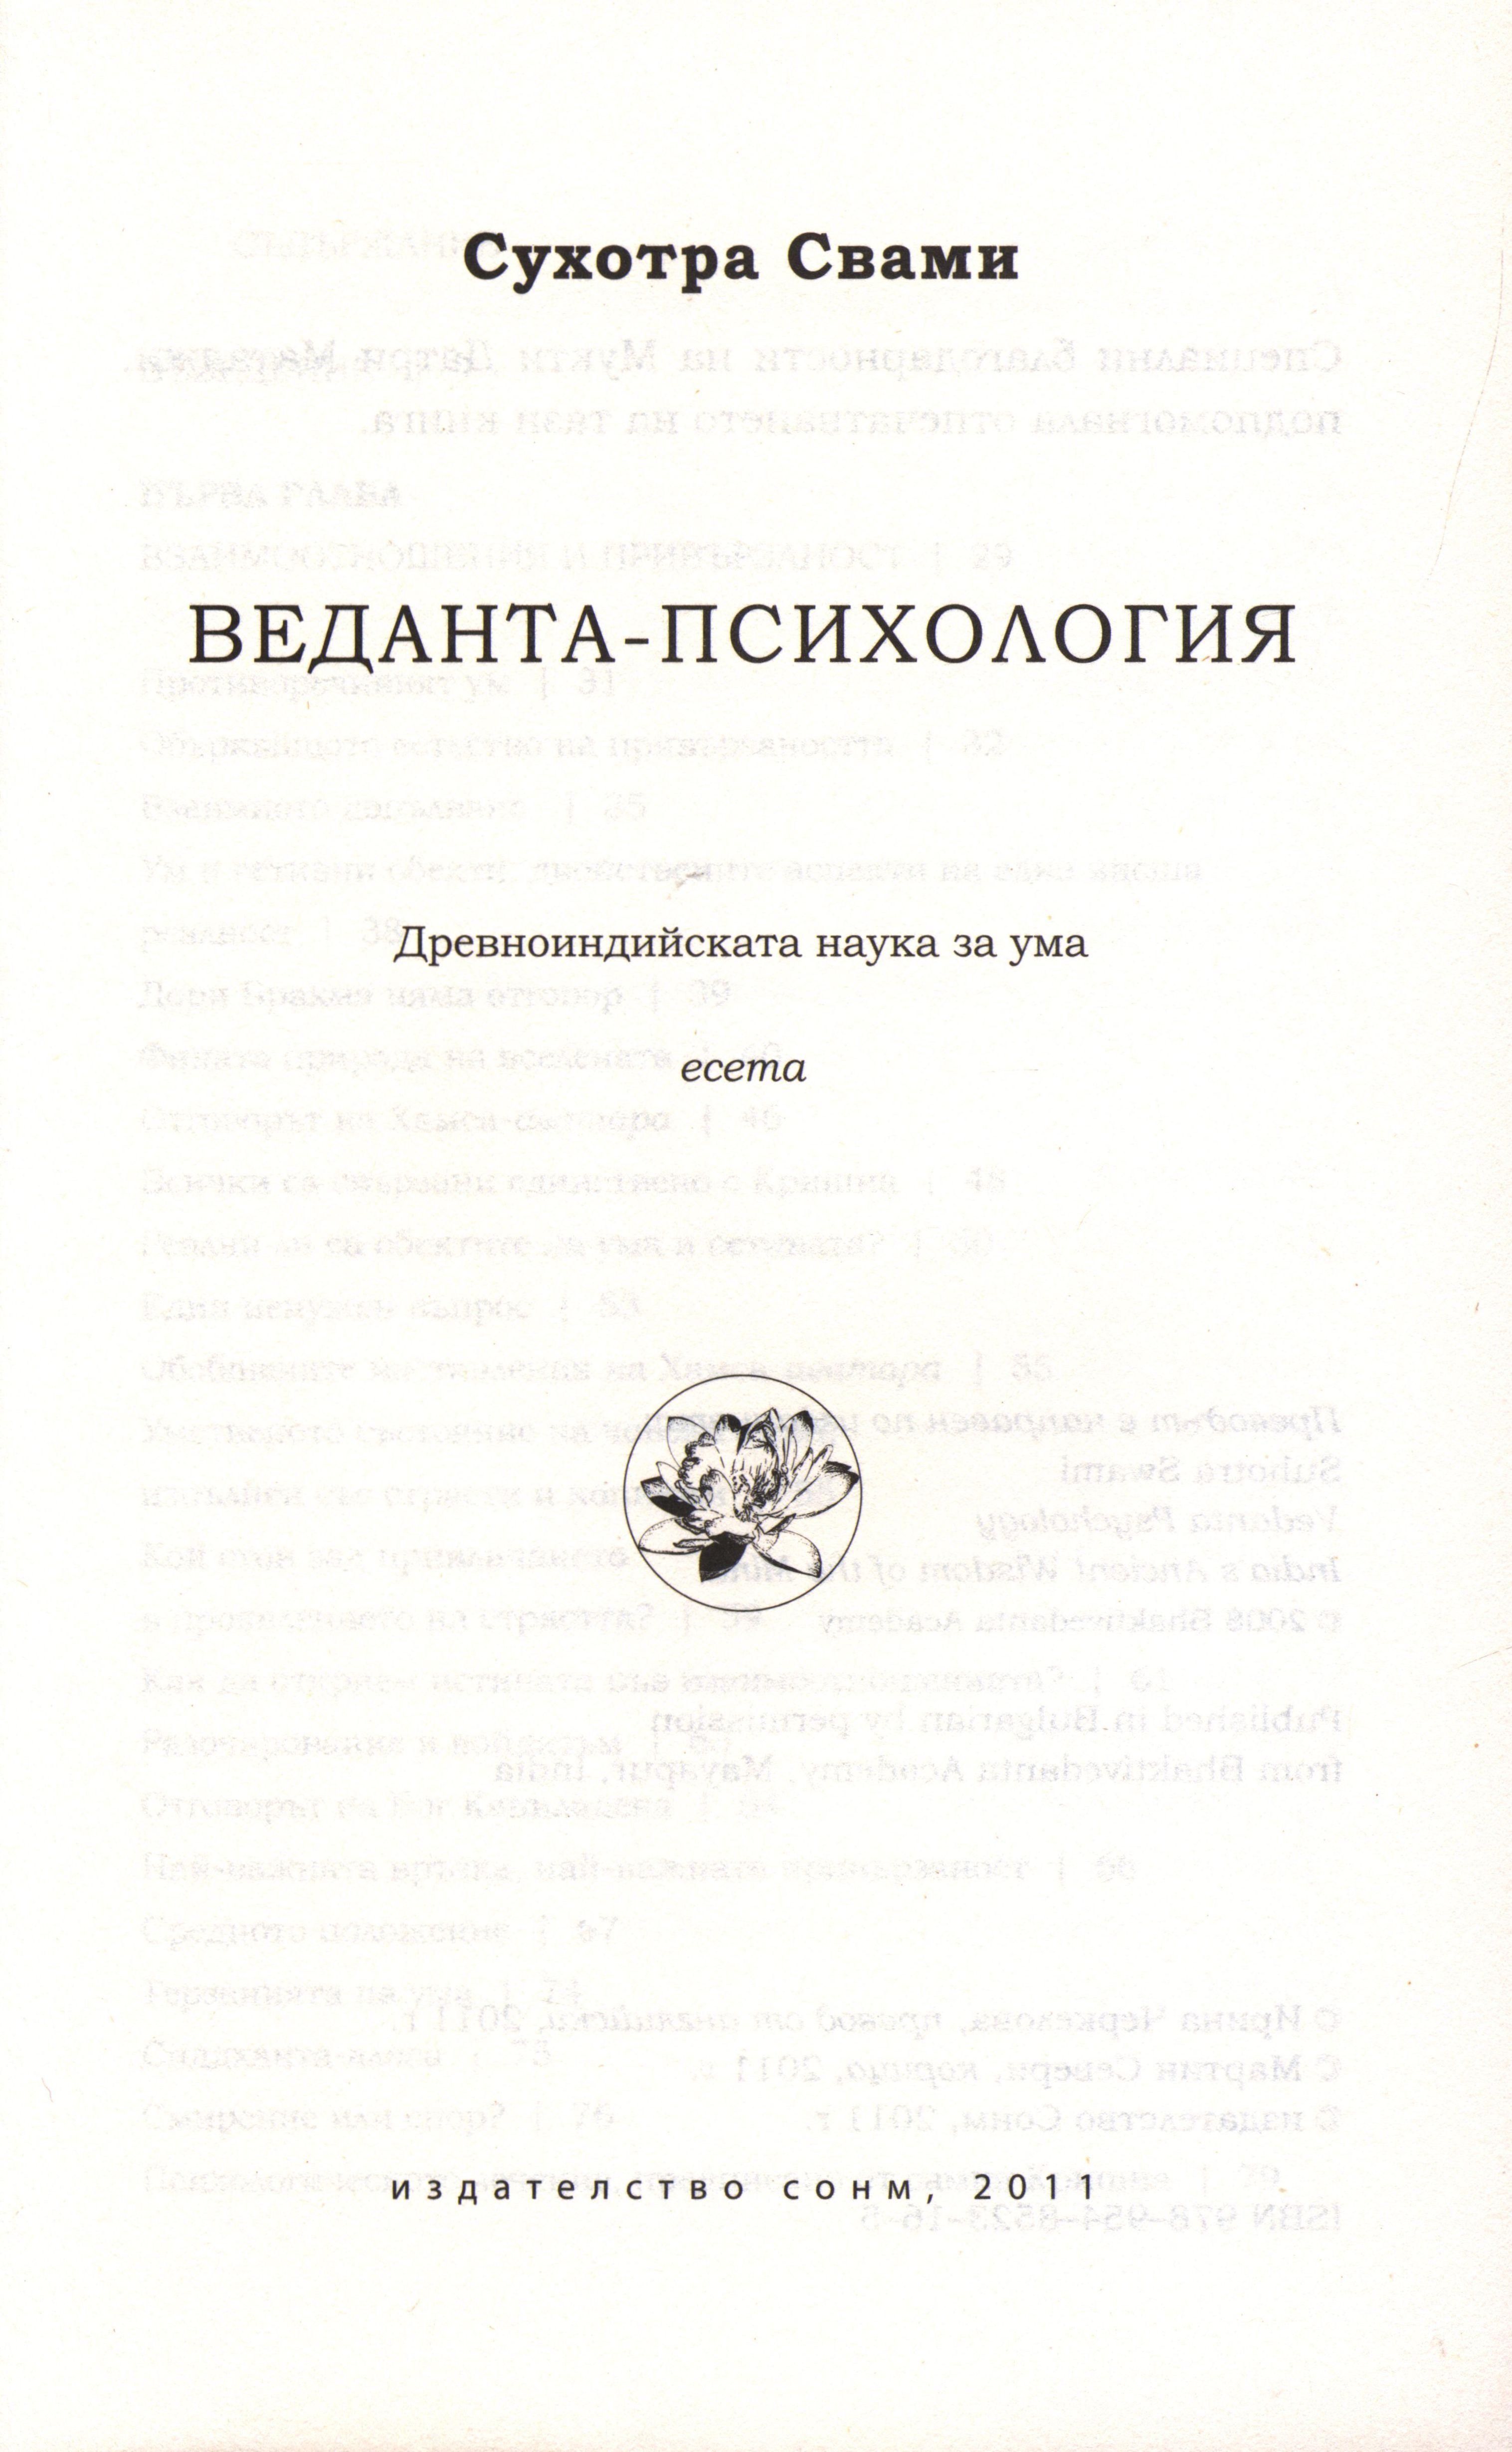 Веданта психология - 3